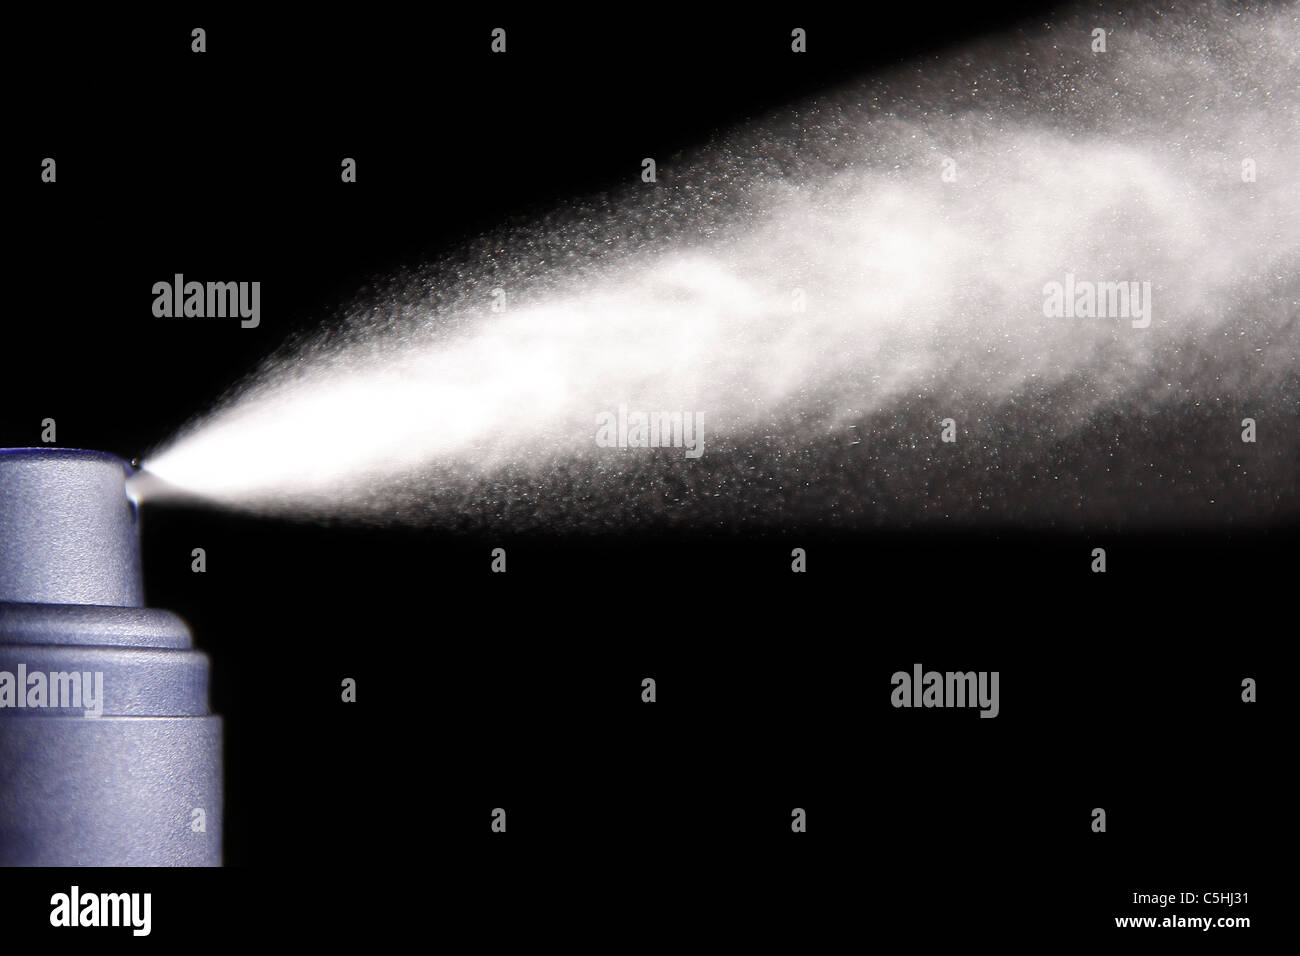 aerosol spray isolated on black background - Stock Image